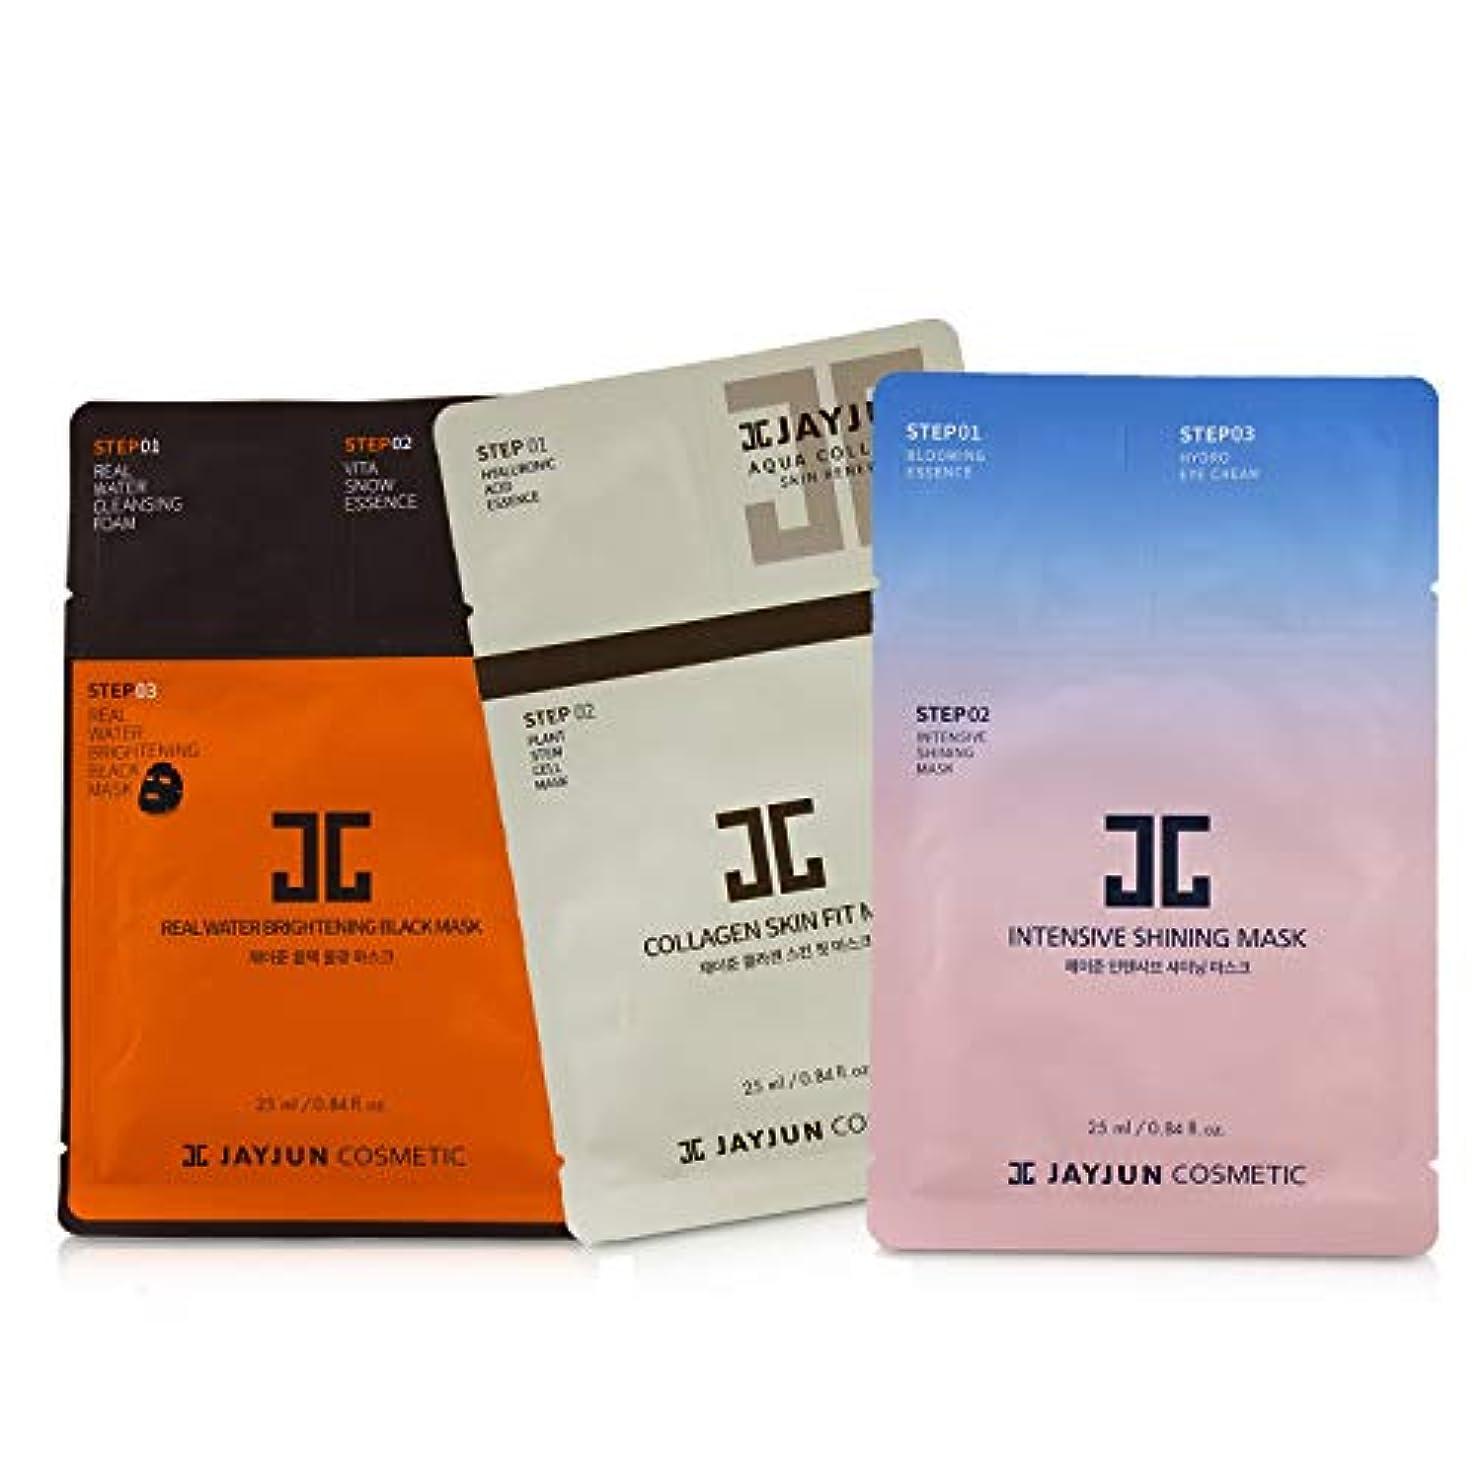 ジェイジュン Best Seller Mask Set (2x Intensive Shining, 2x Real Water Brightening, 2x Collagen Skin) 6sheets並行輸入品